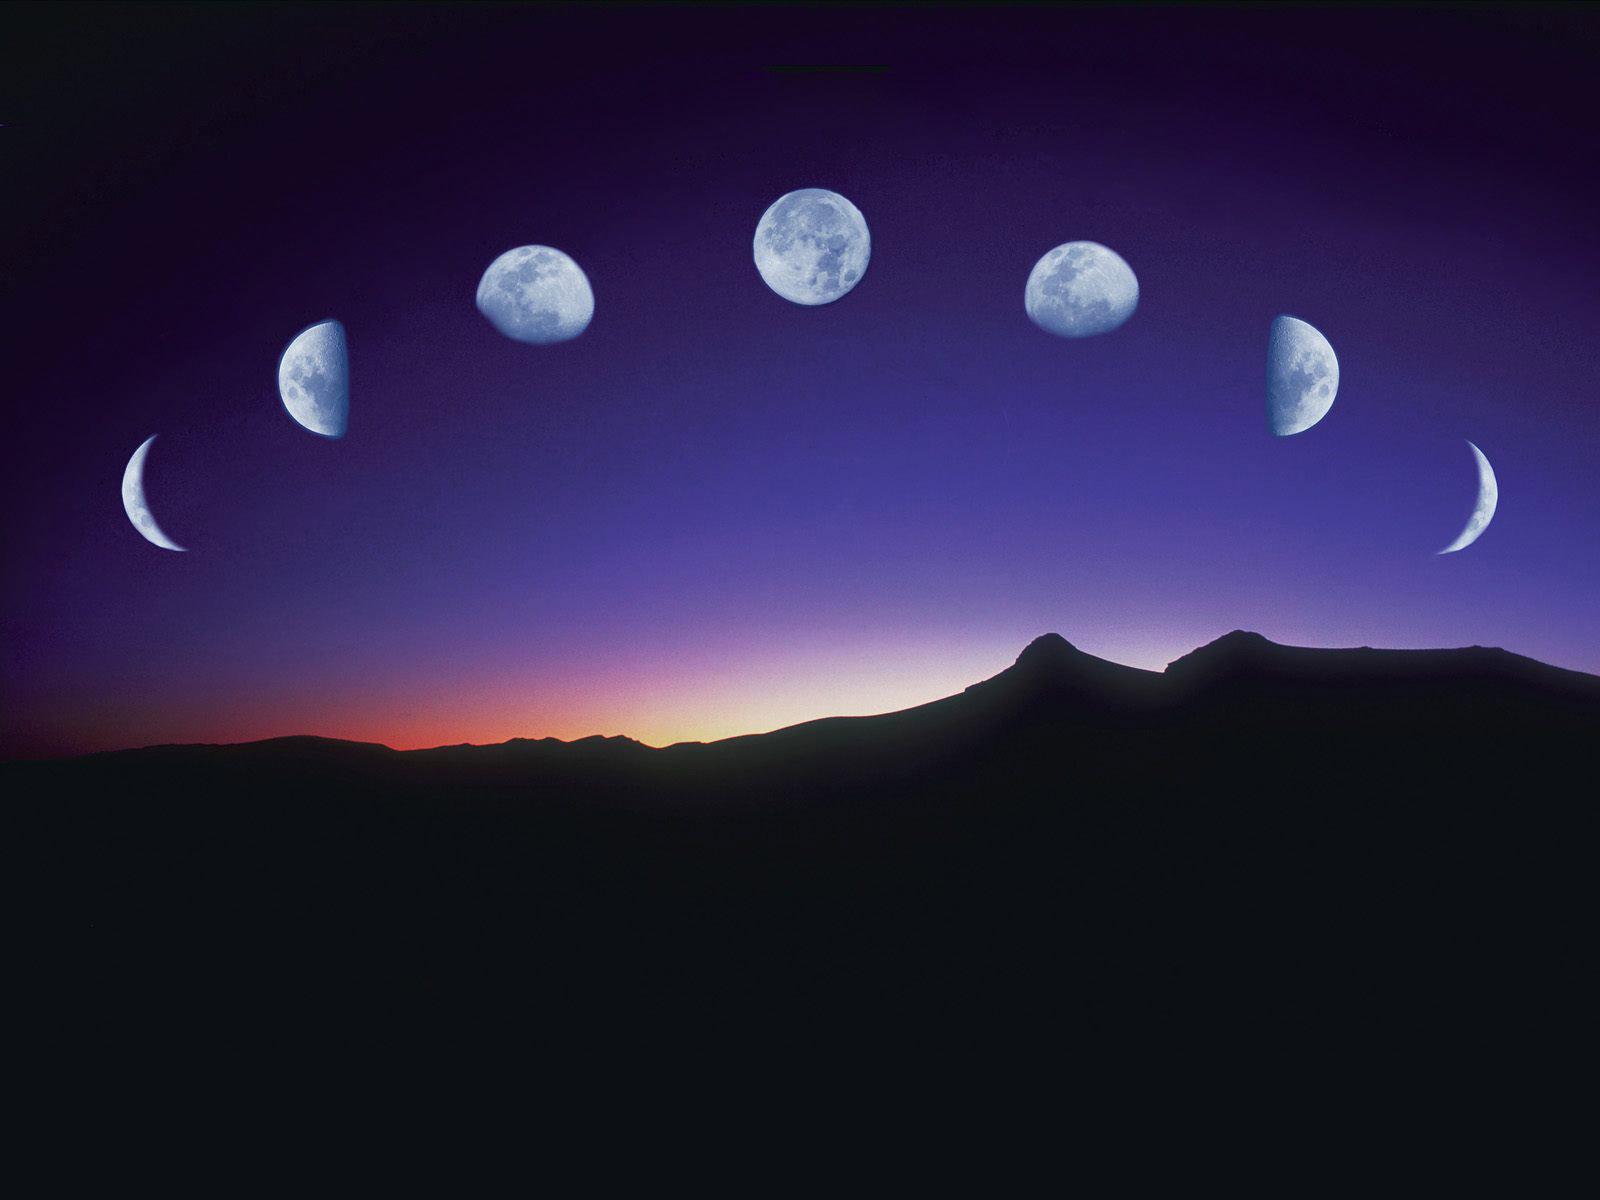 http://4.bp.blogspot.com/-DAbs-M4fFTQ/T0cVm1CifwI/AAAAAAAAO2Q/1mx0rvDoU58/s1600/_Moon-Wallpapers_400010.jpg